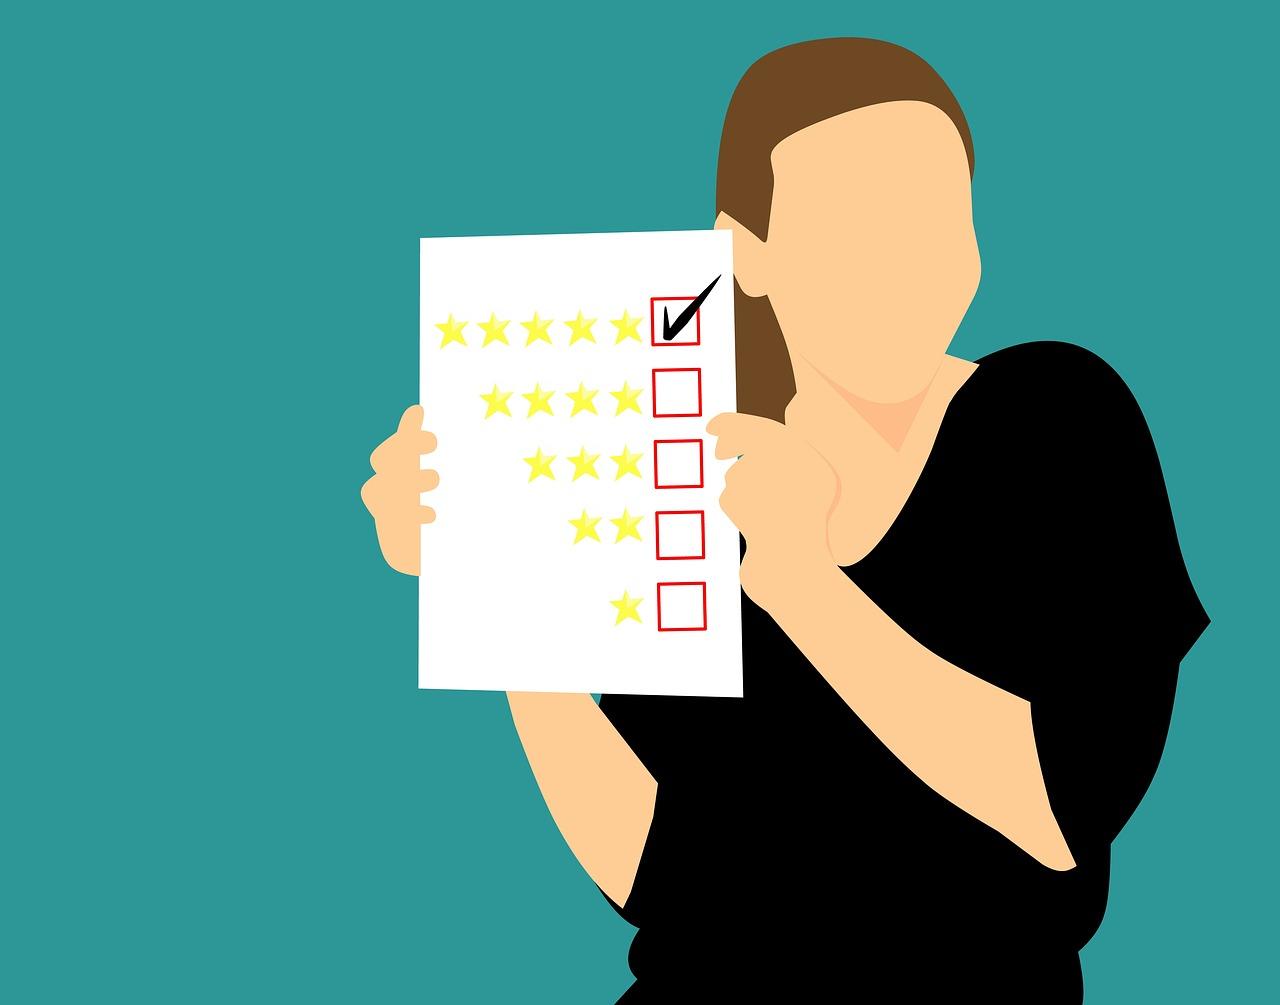 SDLSN traži pravično ocjenjivanje državnih službenika u skladu sa Zakonom